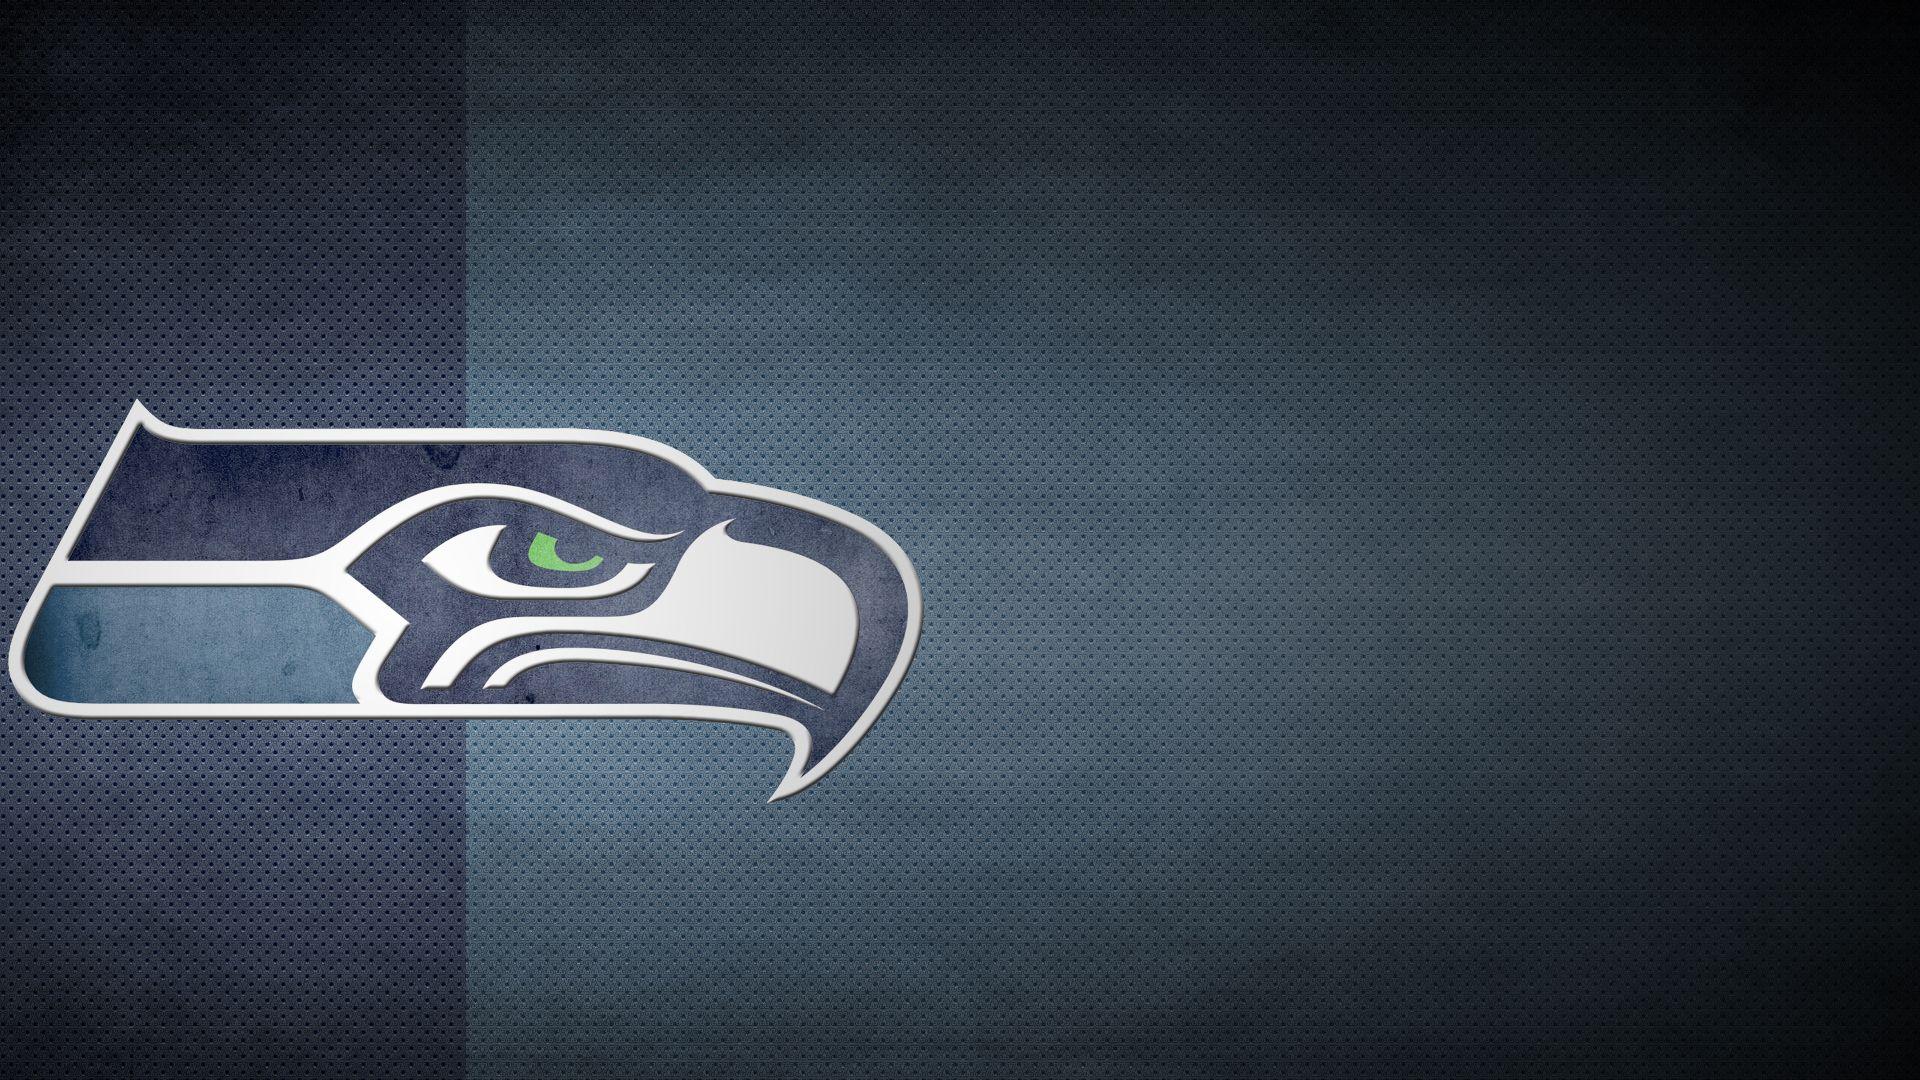 Seattle Seahawks free download wallpaper